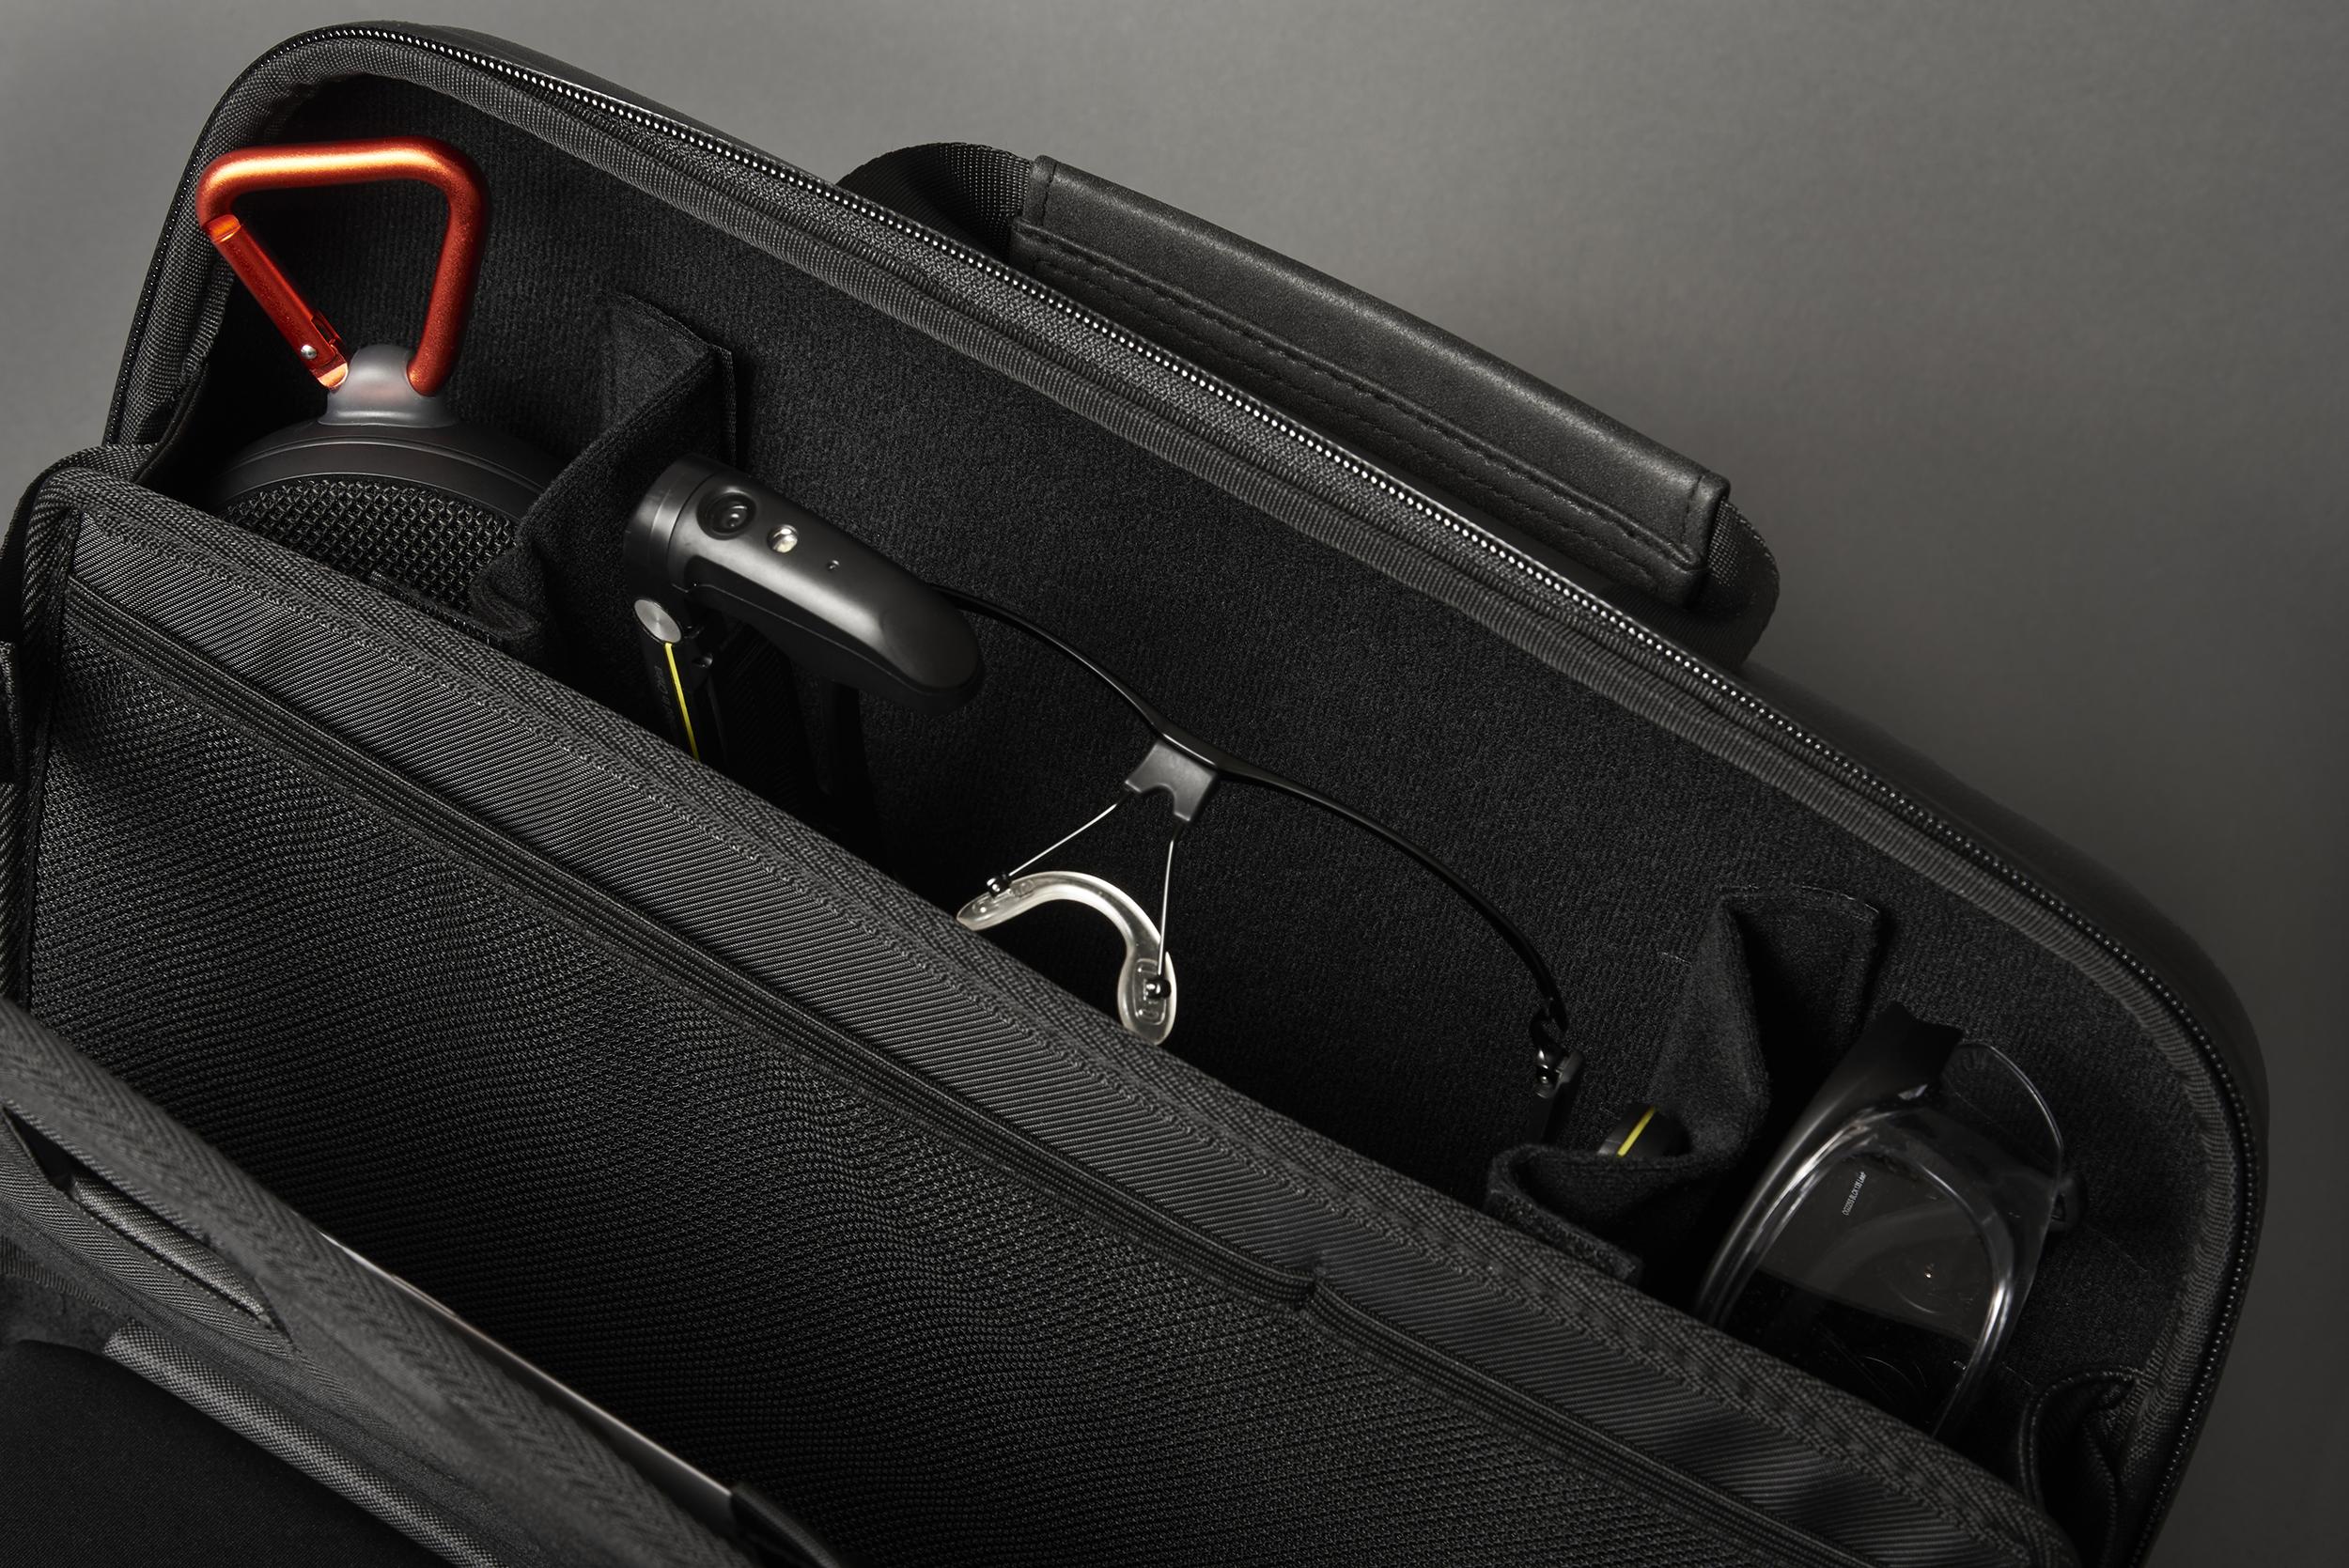 vuzix bag for glasses open